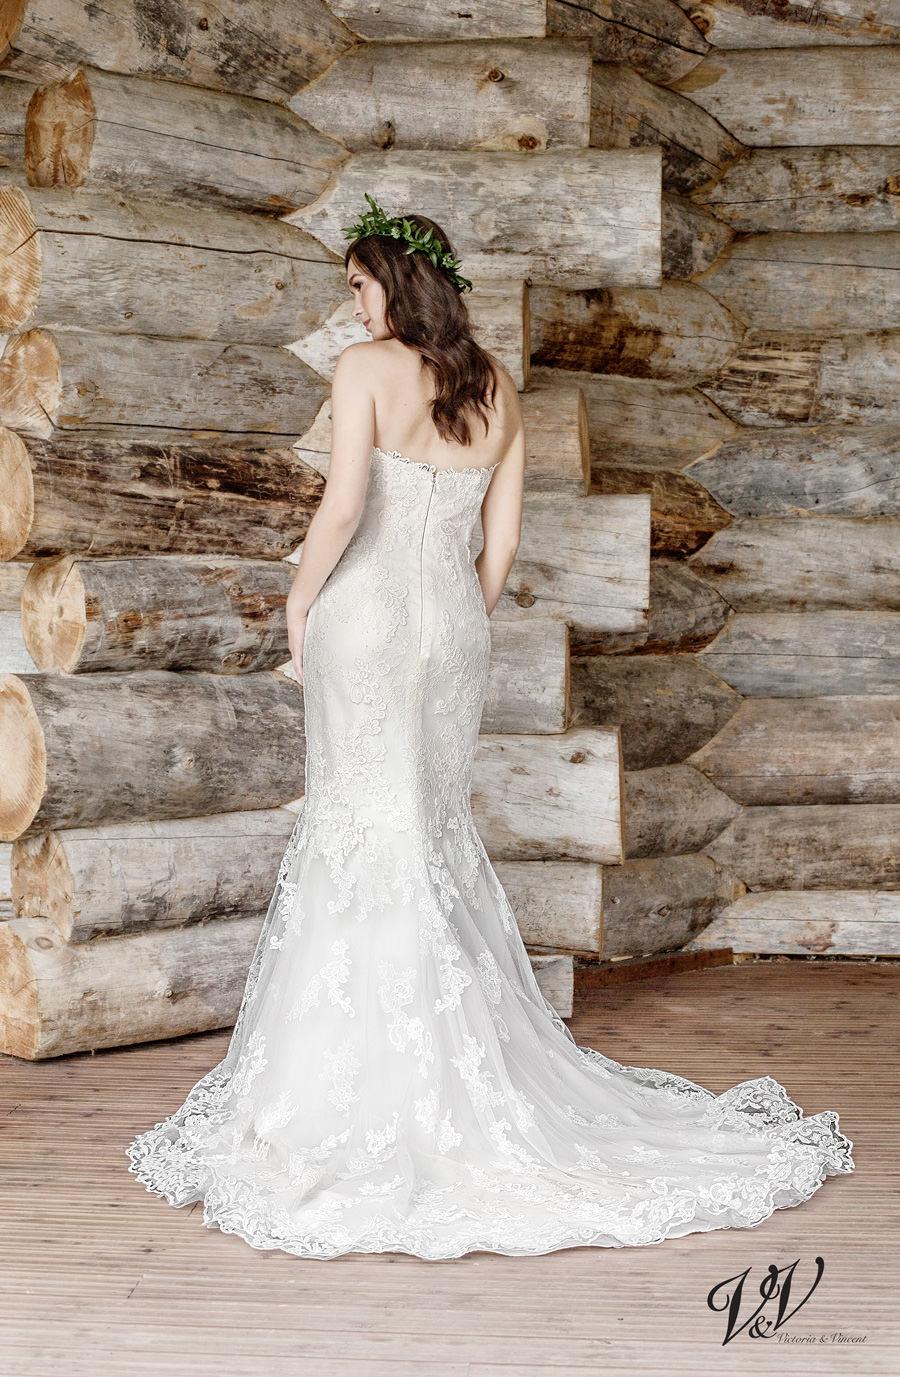 besten Brautkleider München Empfehlung Victoria und Vincent myLovely Spitze Designer günstig Qualität